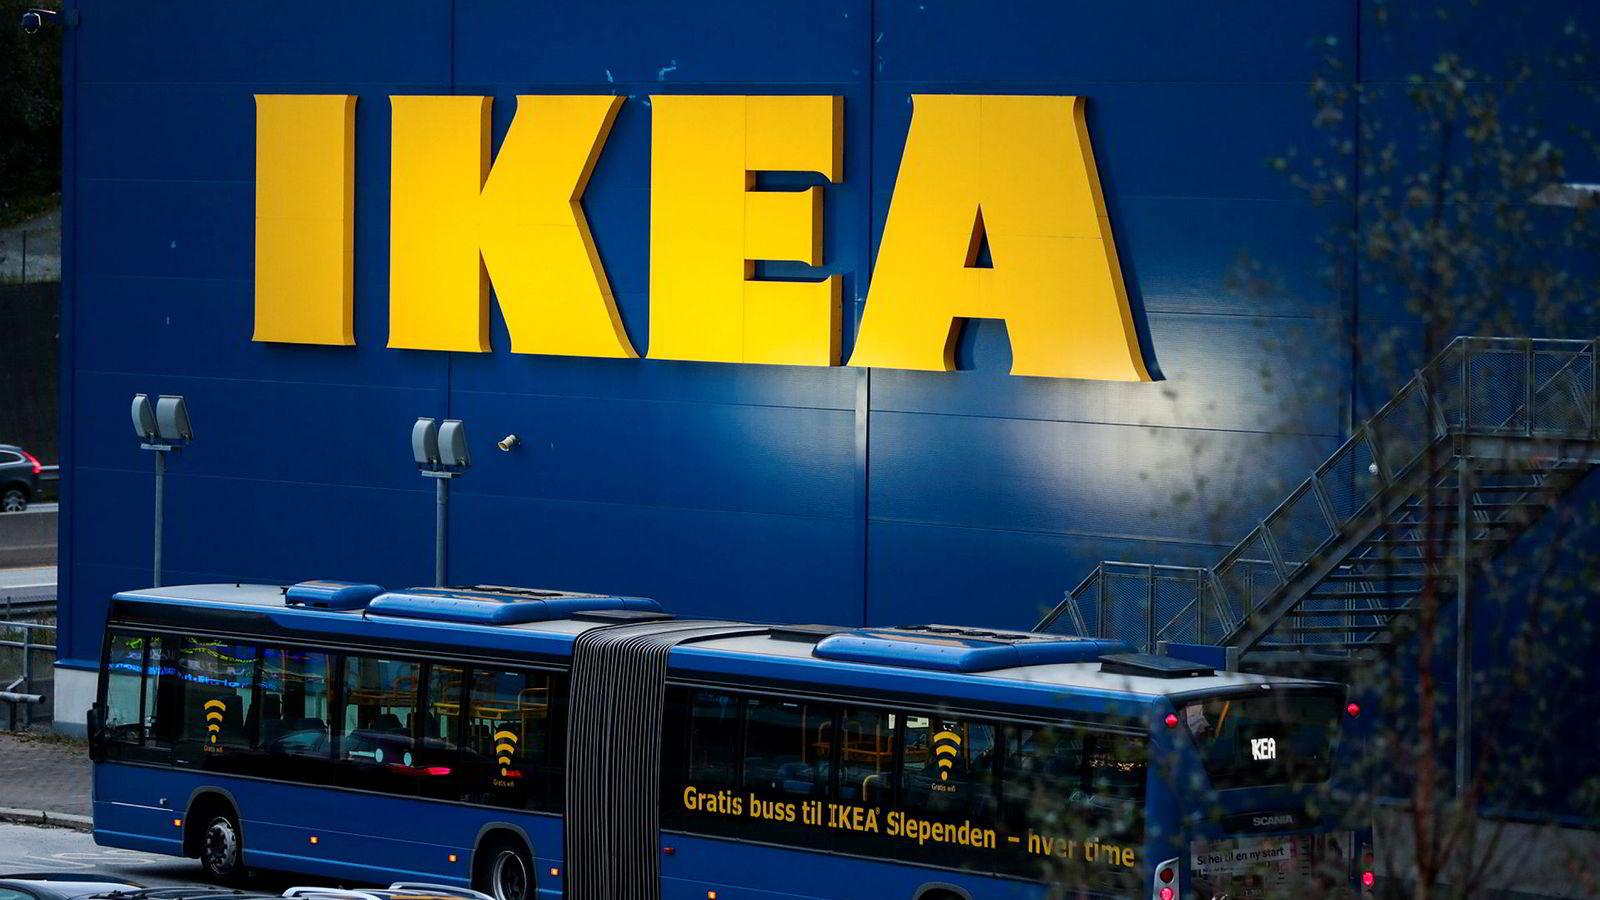 Ikea er den mest populære merkevaren blant norske kvinner, ifølge en undersøkelse fra YouGov.